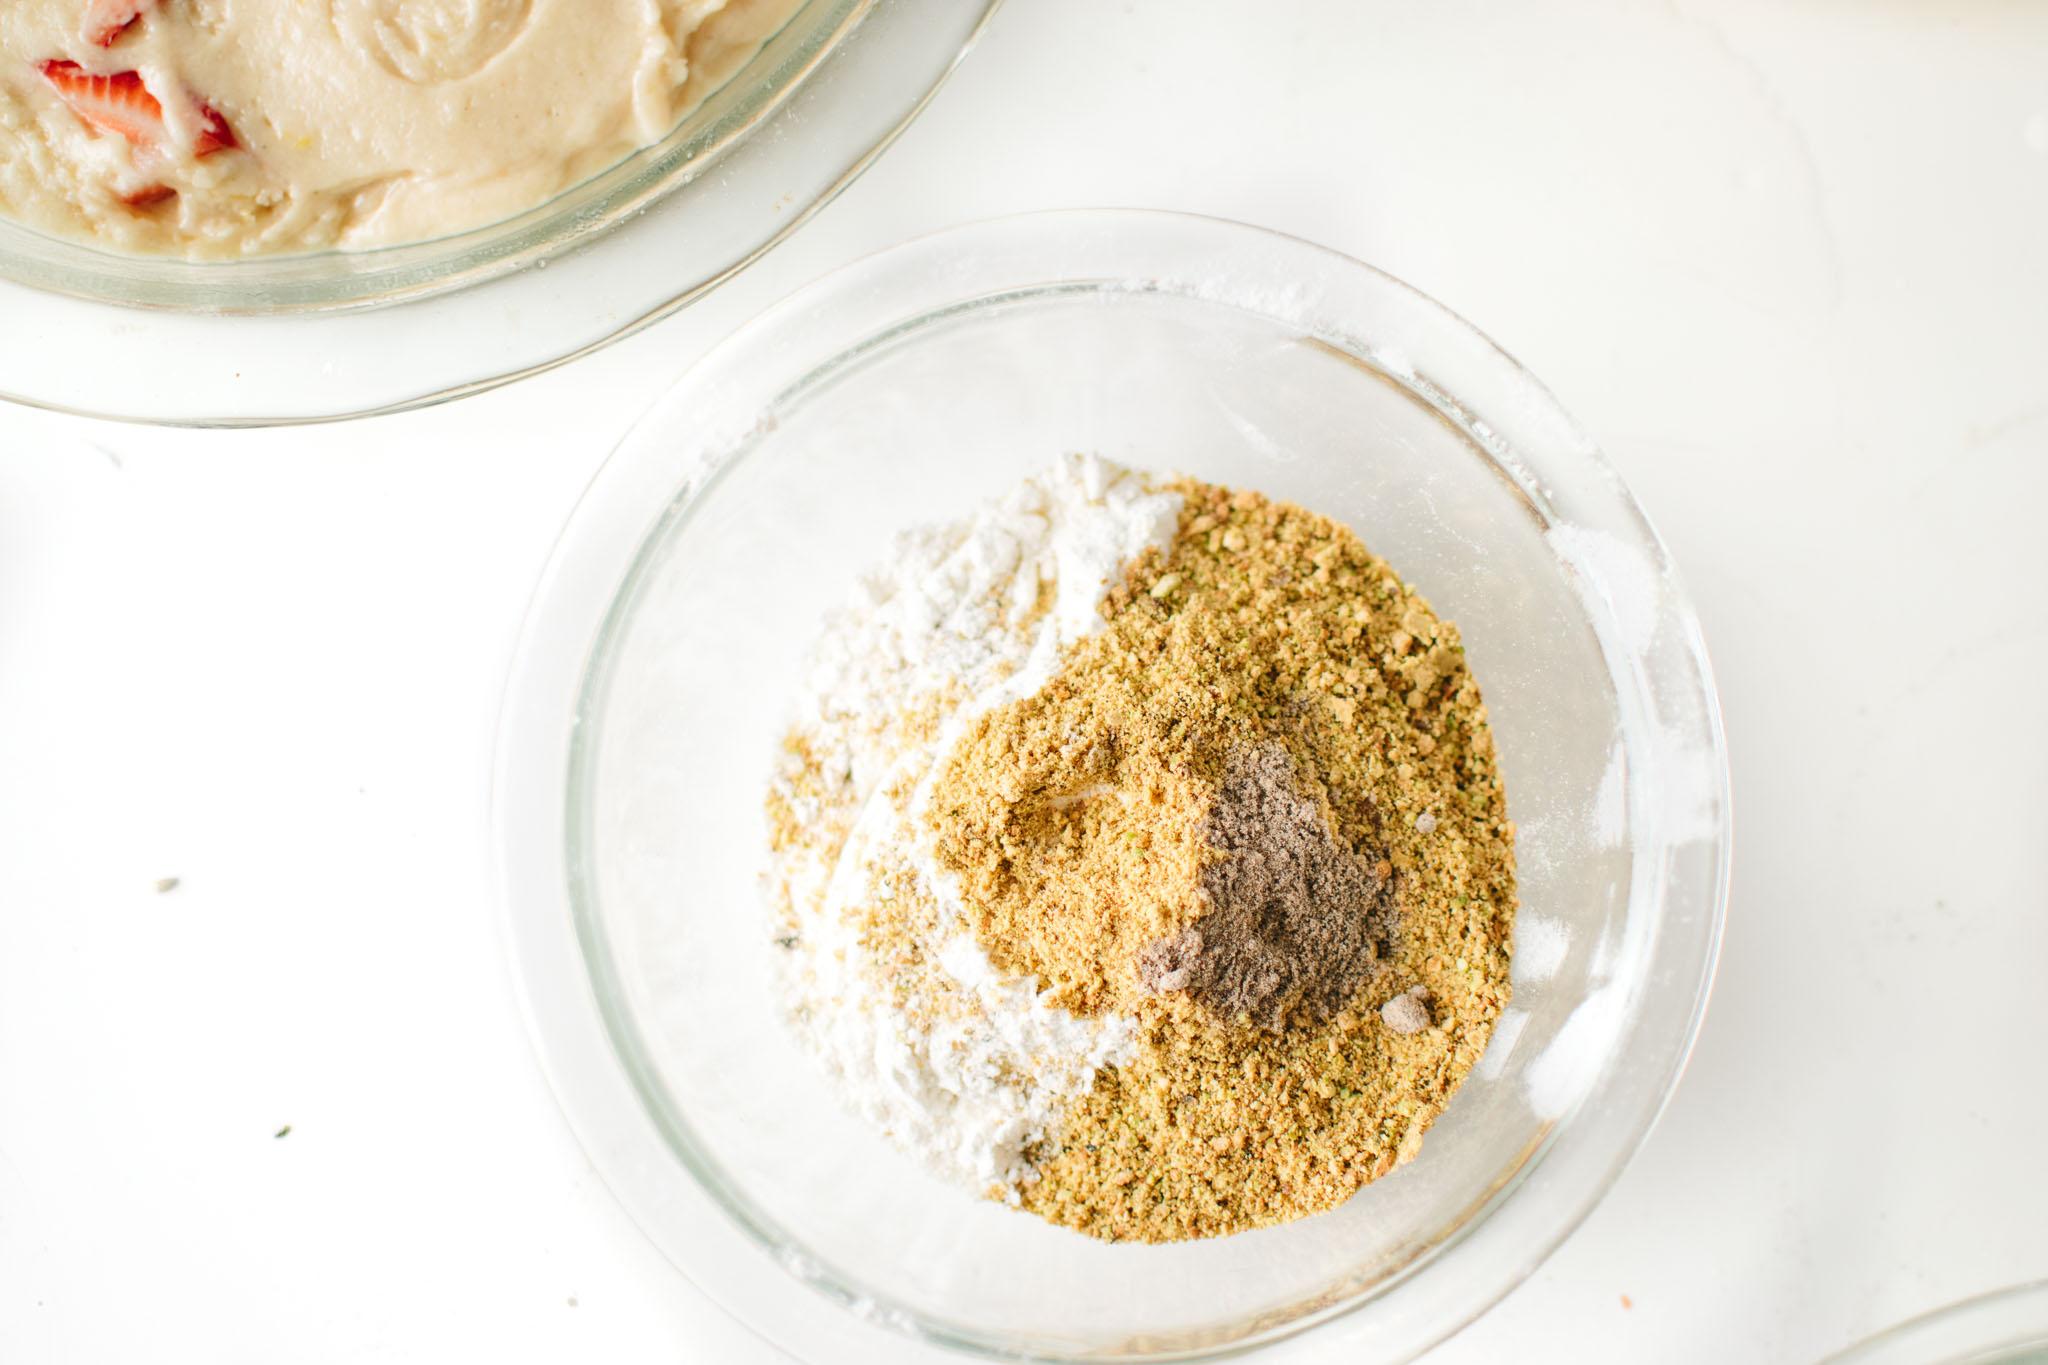 pistachio crumble dry mix